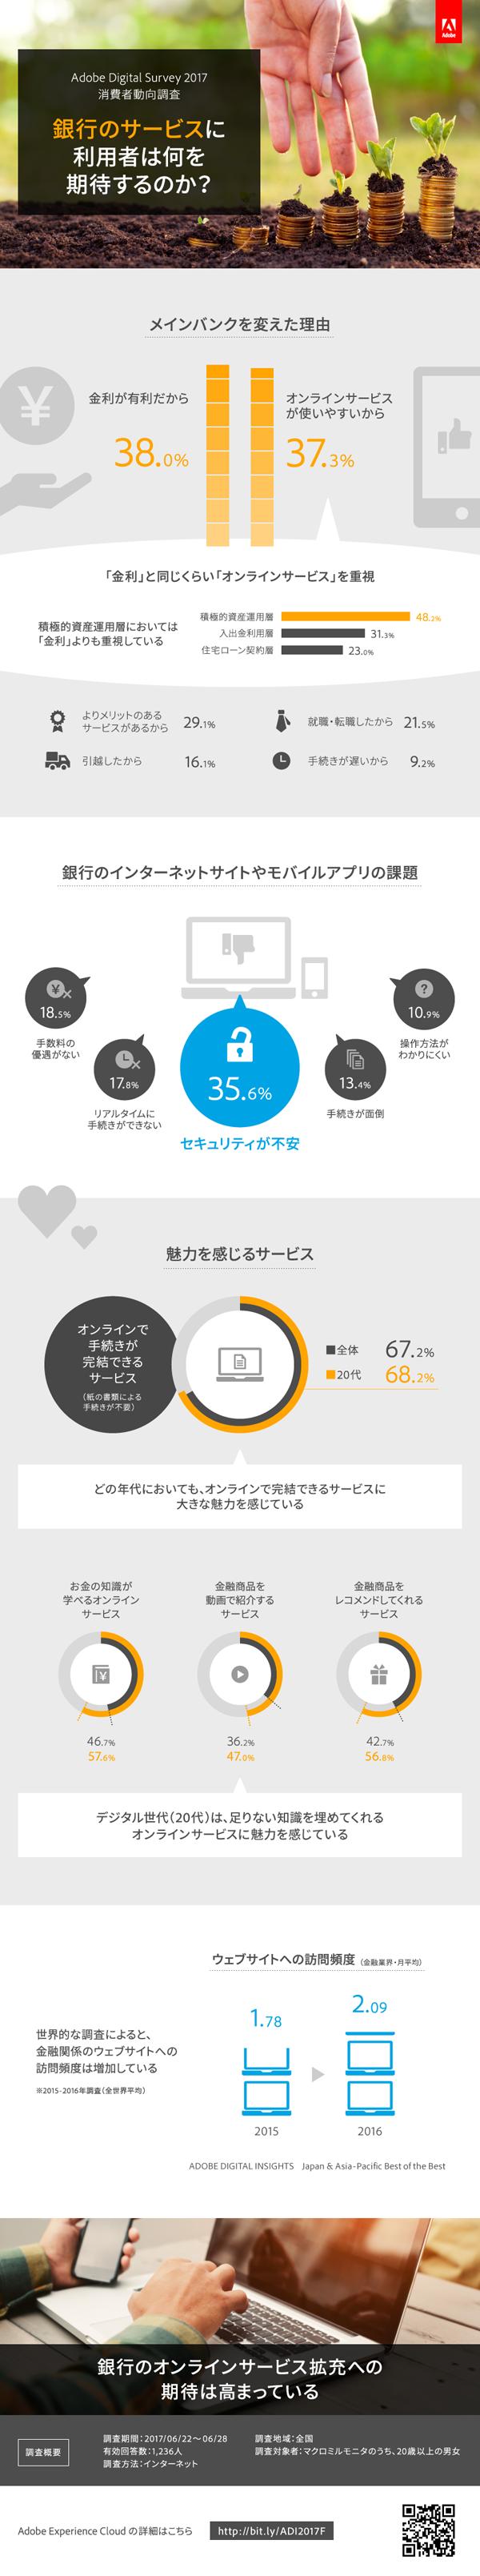 インフォグラフィックス:銀行のサービスに利用者は何を期待するのか?